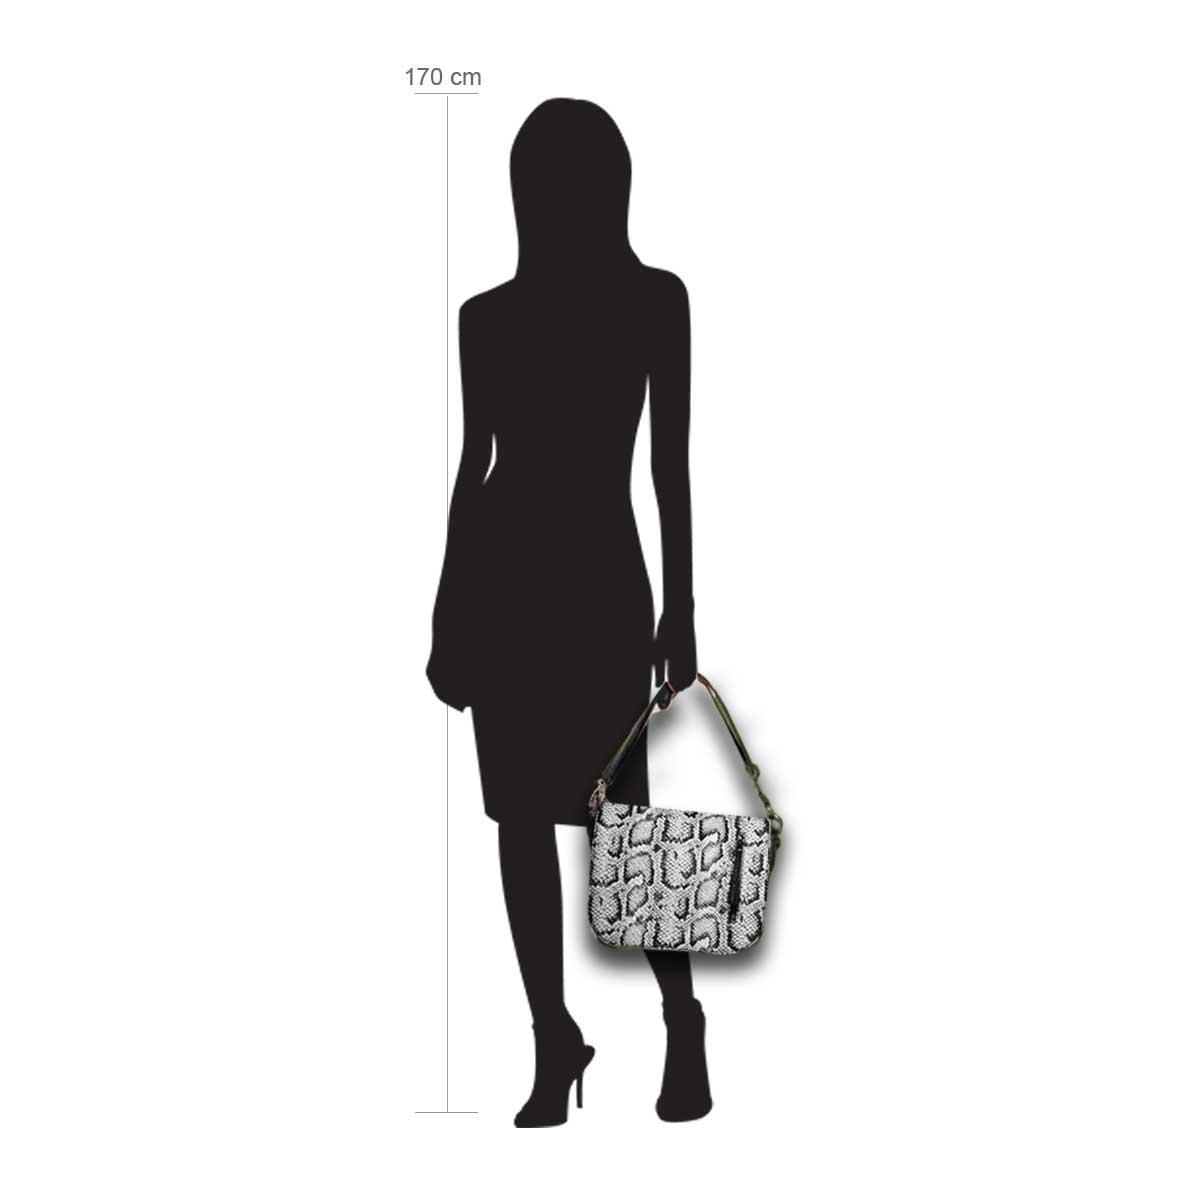 Modellpuppe 170 cm groß zeigt die Handtaschengröße an der Person Modell:Cadiz